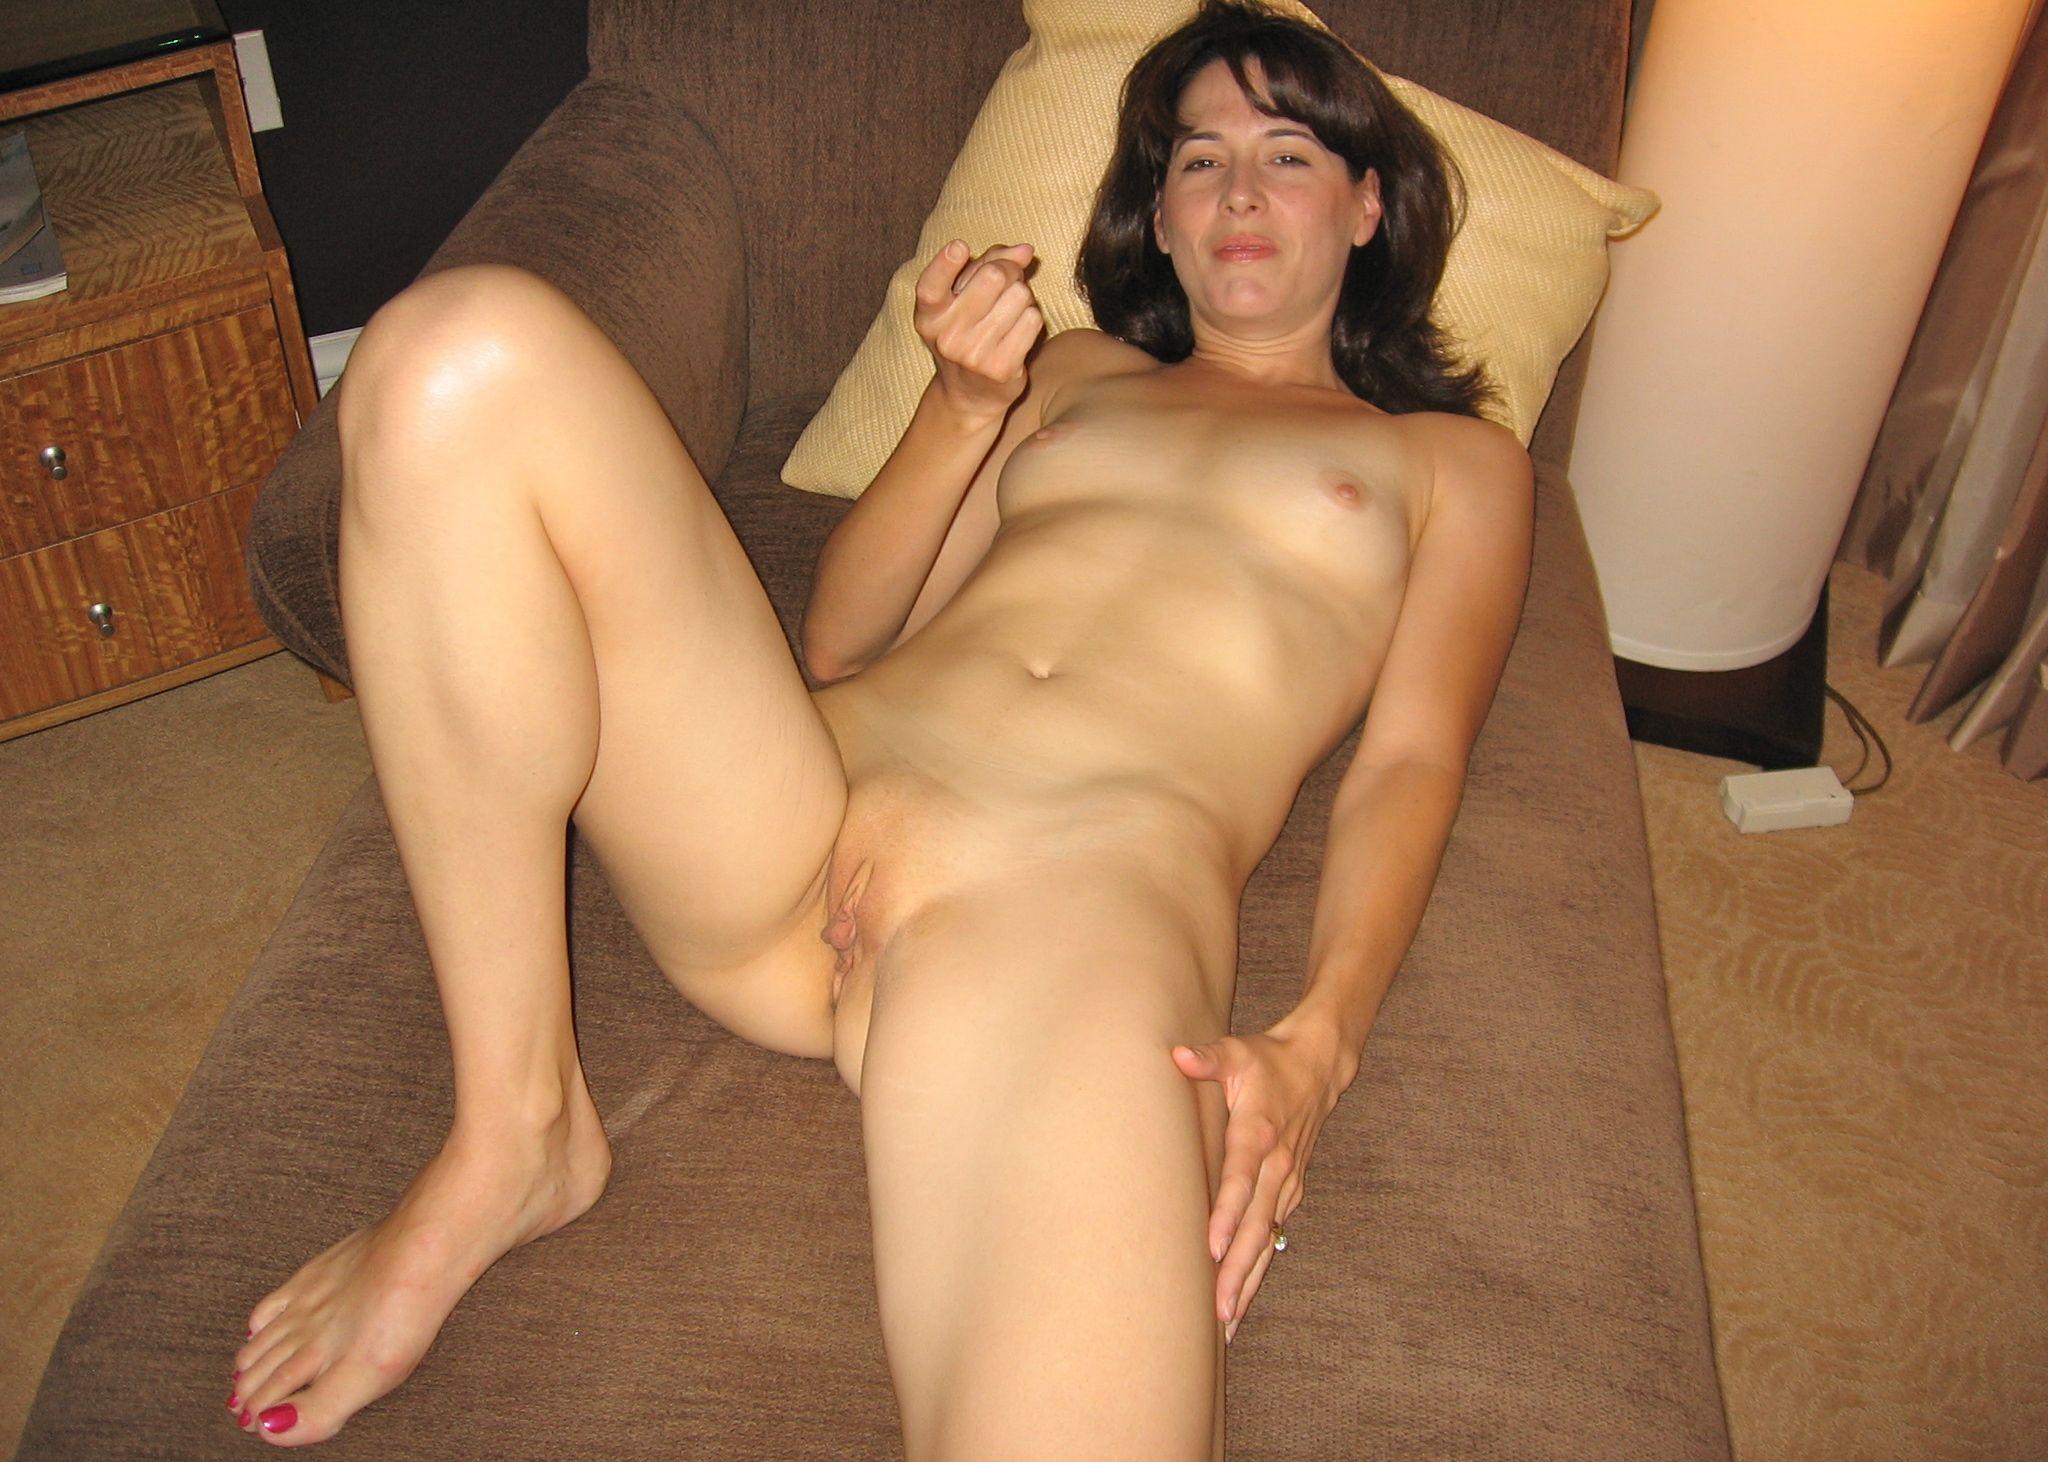 Фото женщин за 30 и голых 20 фотография